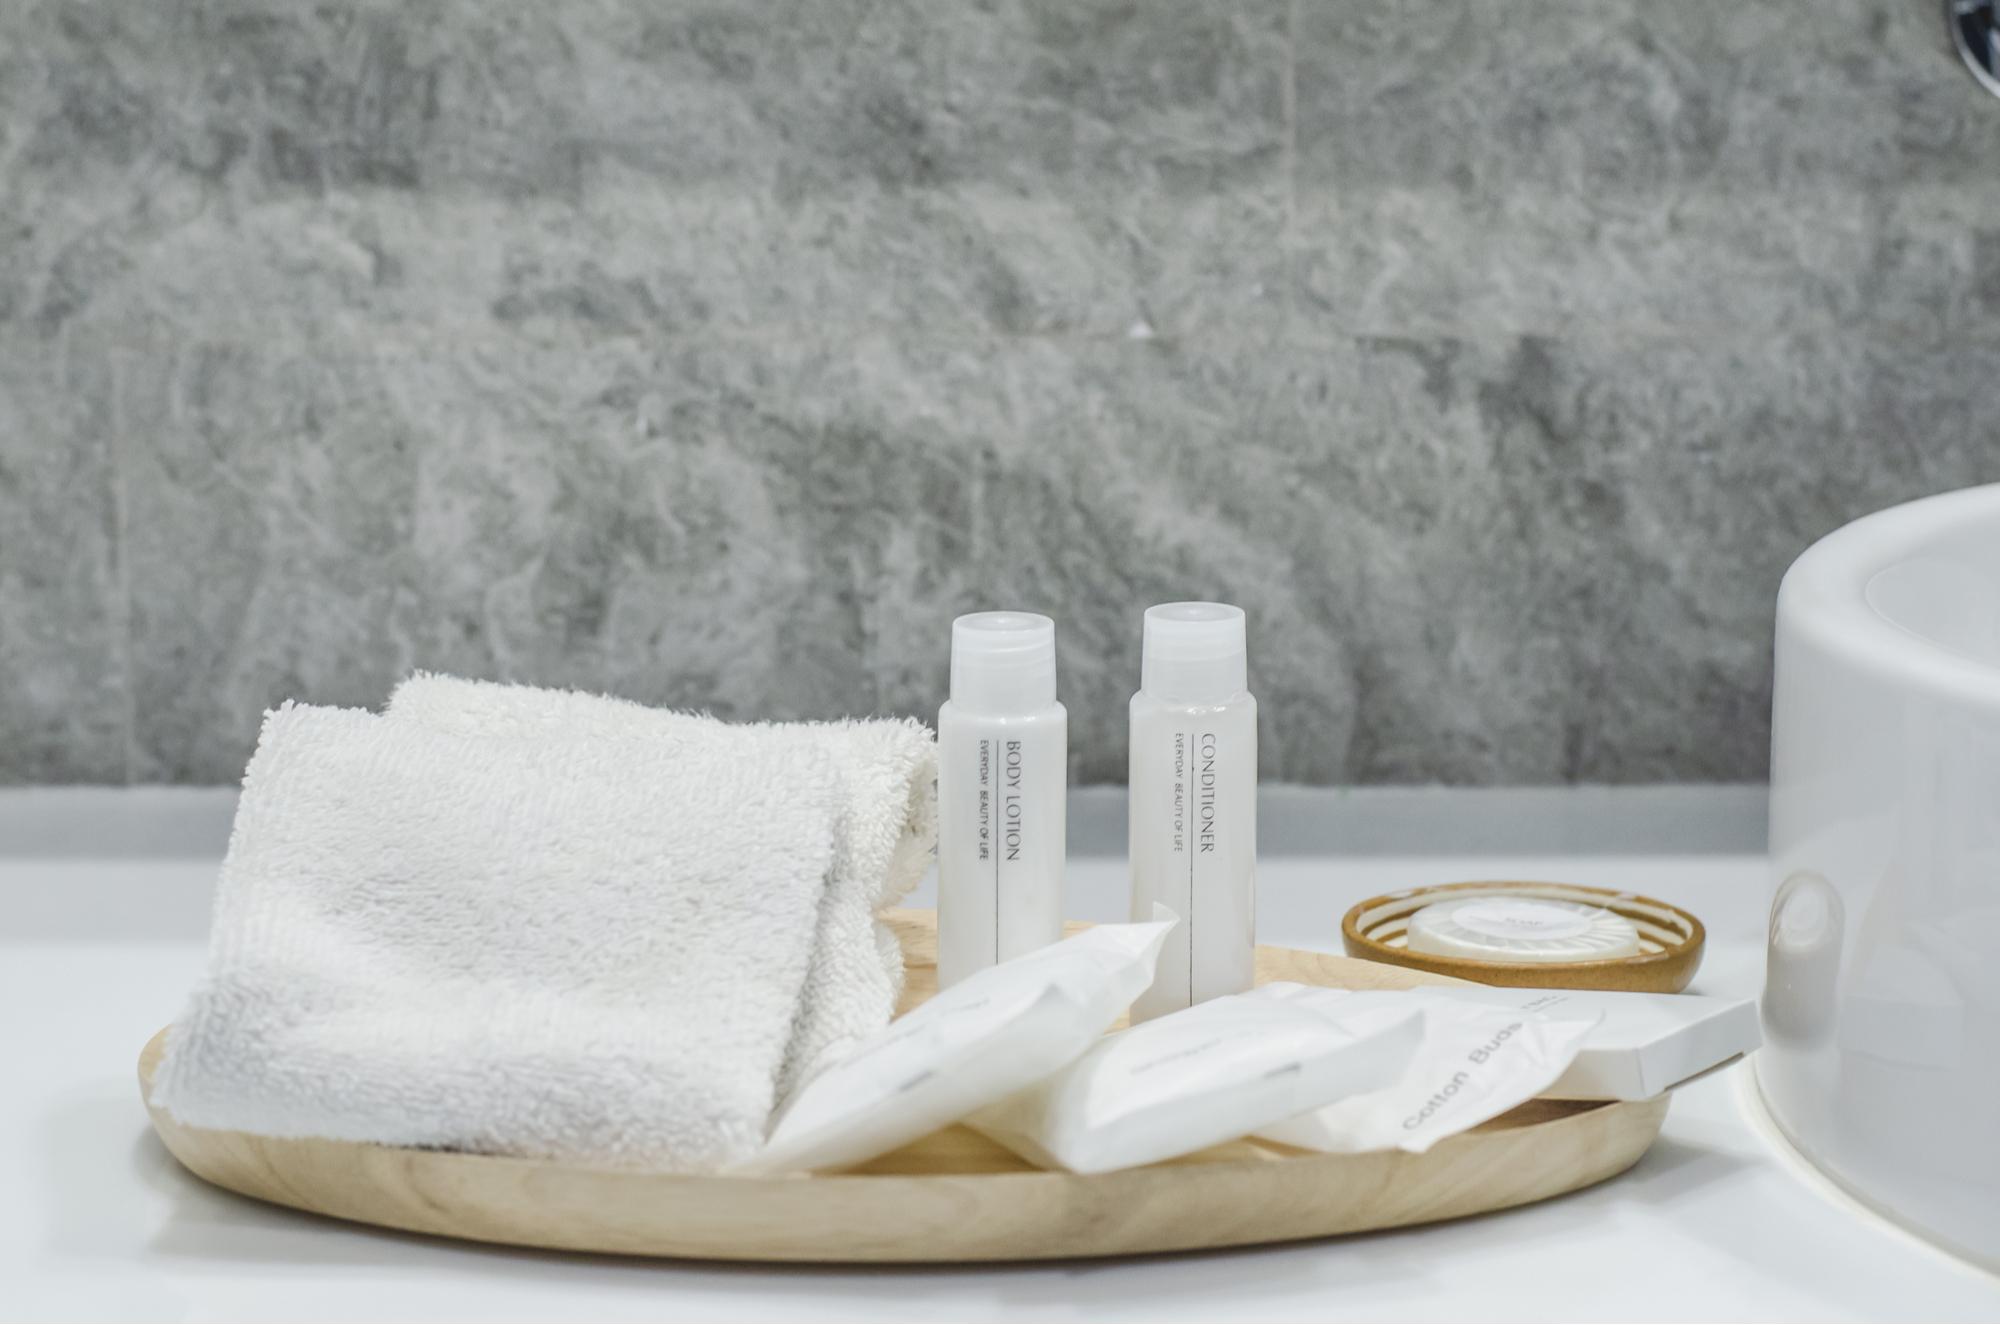 酒店不提供一次性洗浴用品,真的对保护环境有用吗?